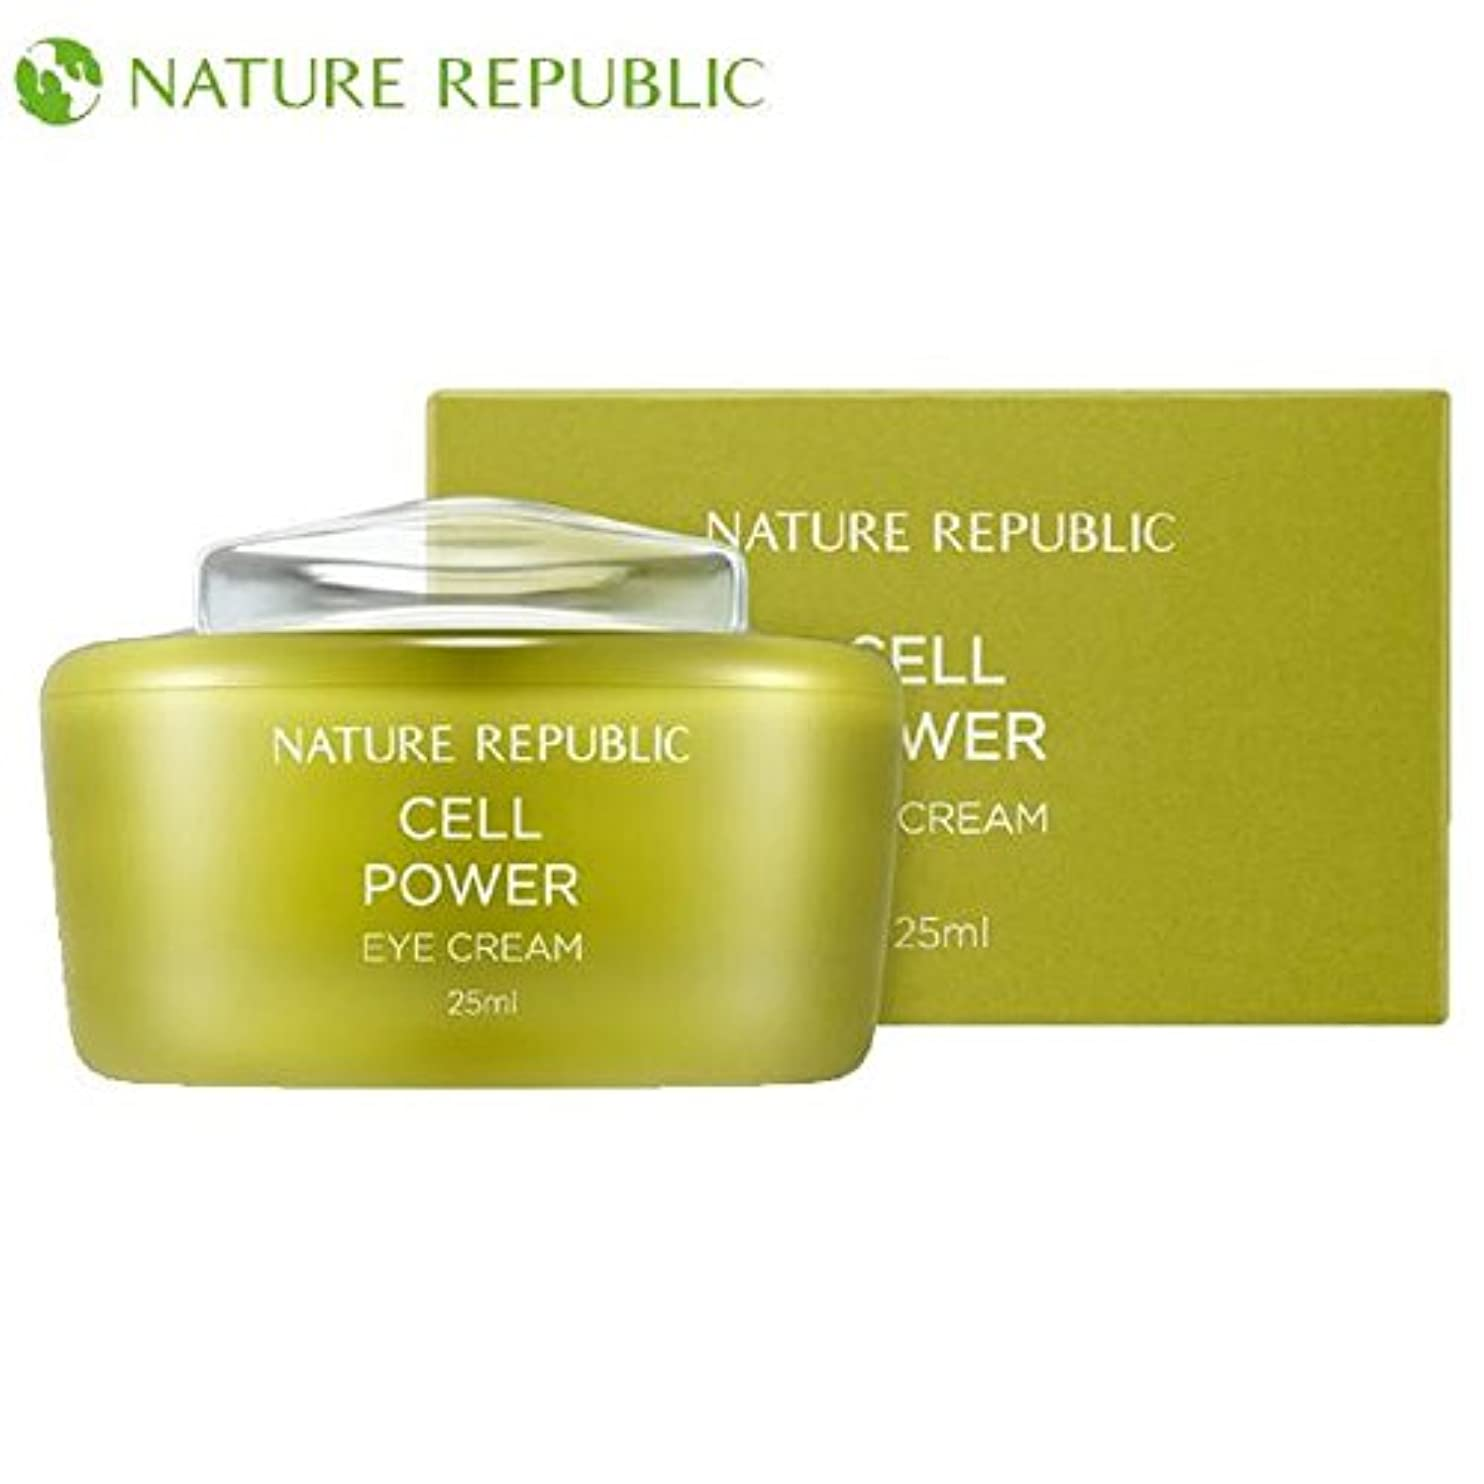 正規輸入品 NATURE REPUBLIC(ネイチャーリパブリック) CP アイクリーム 25ml NJ1175